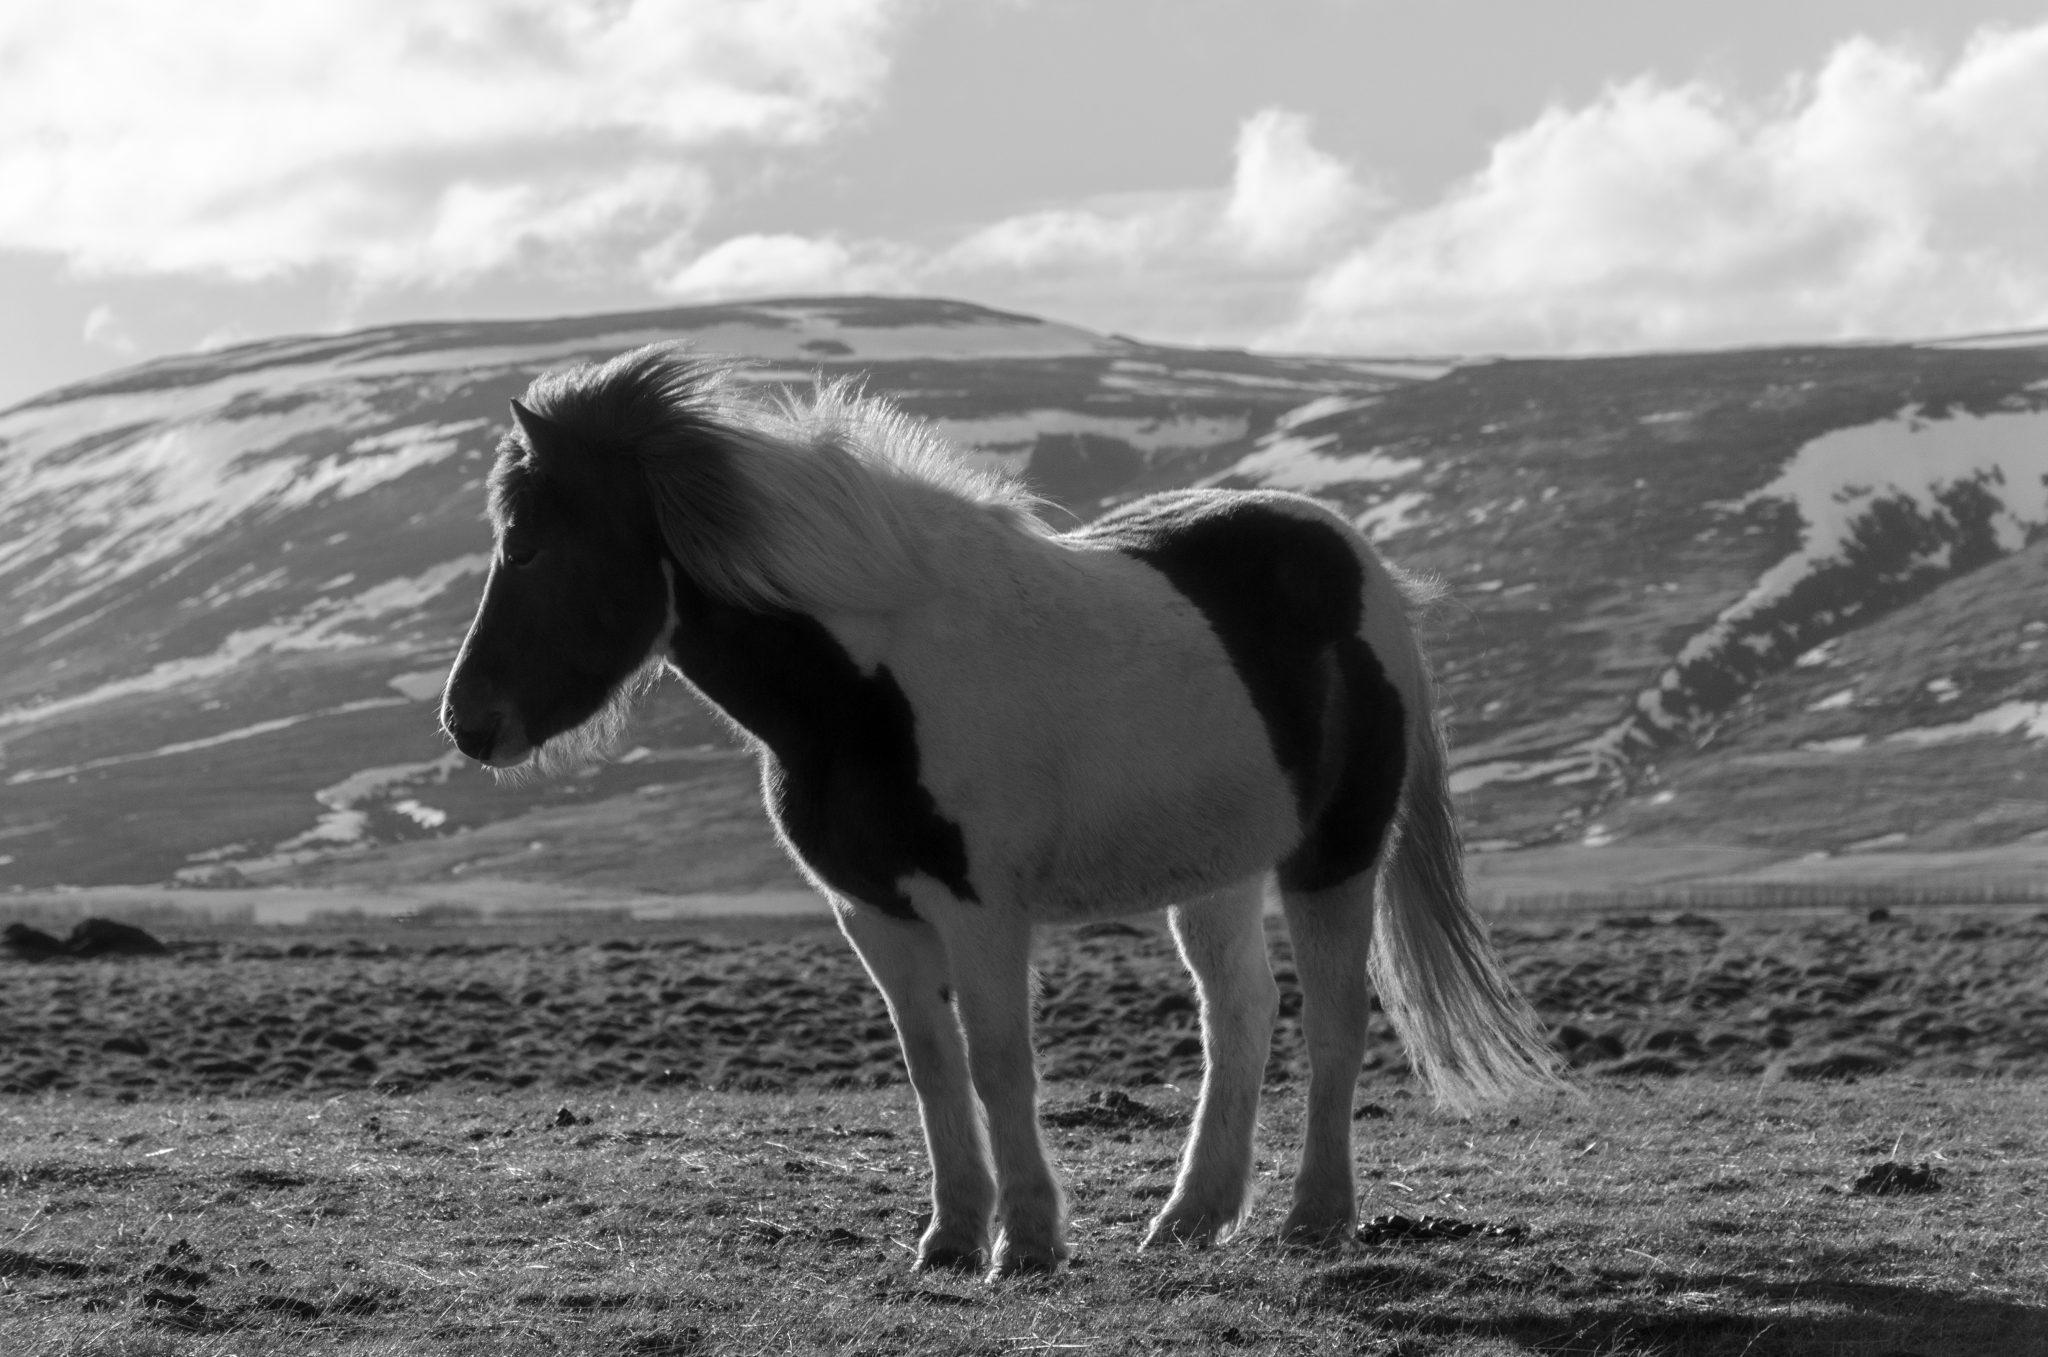 Iceland-March-04-2018-12-51-13-Edit.jpg